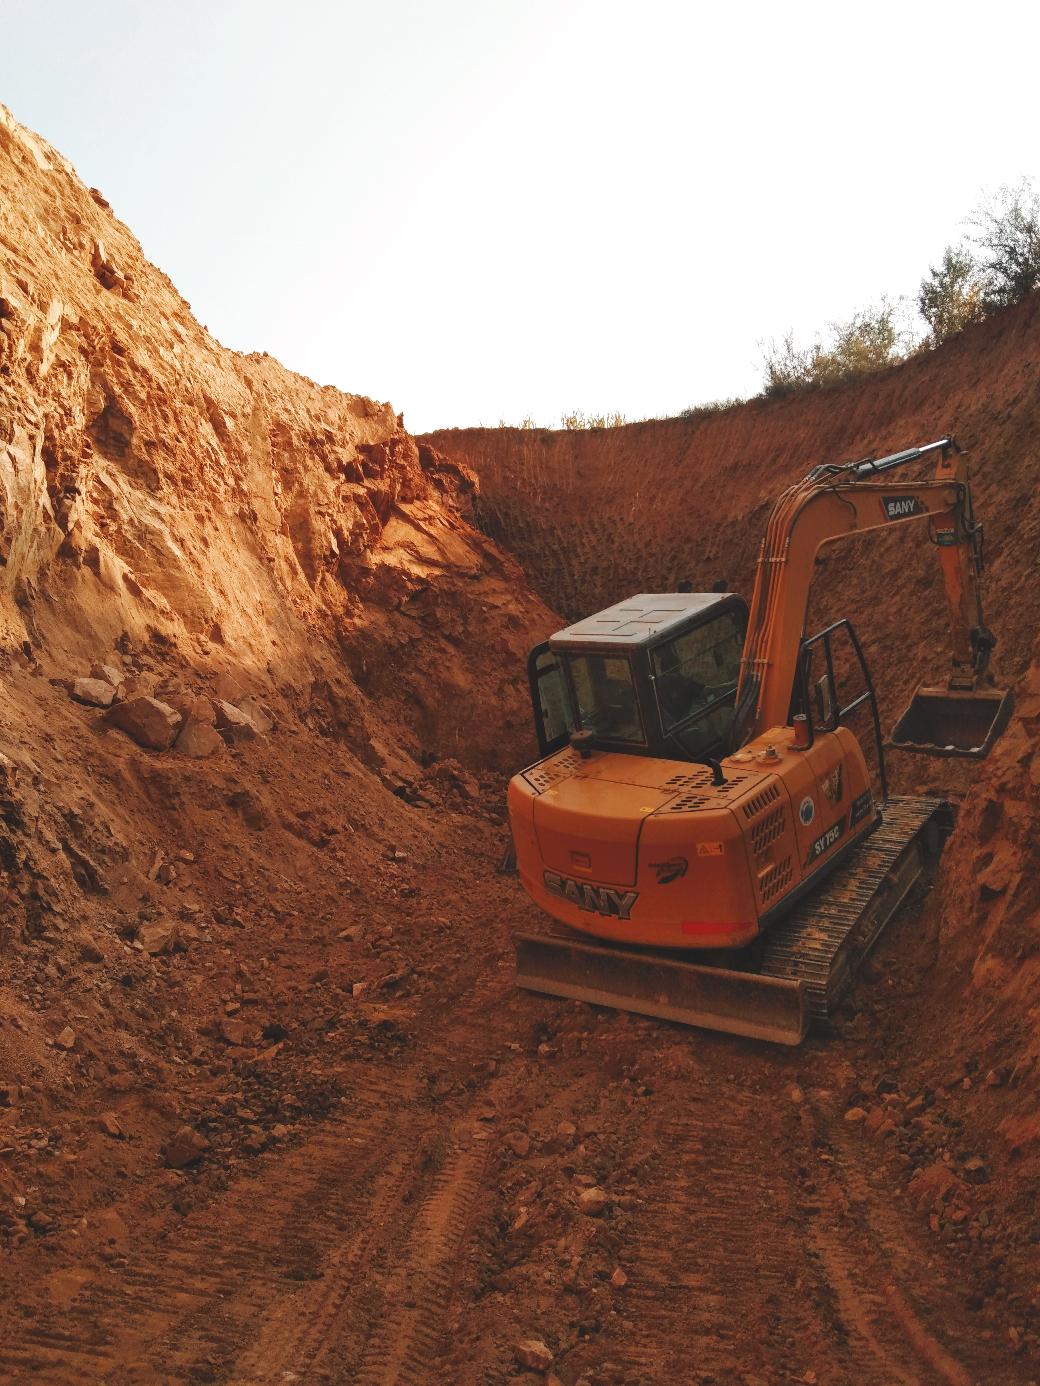 【行业经验分享】之矿山学徒安全